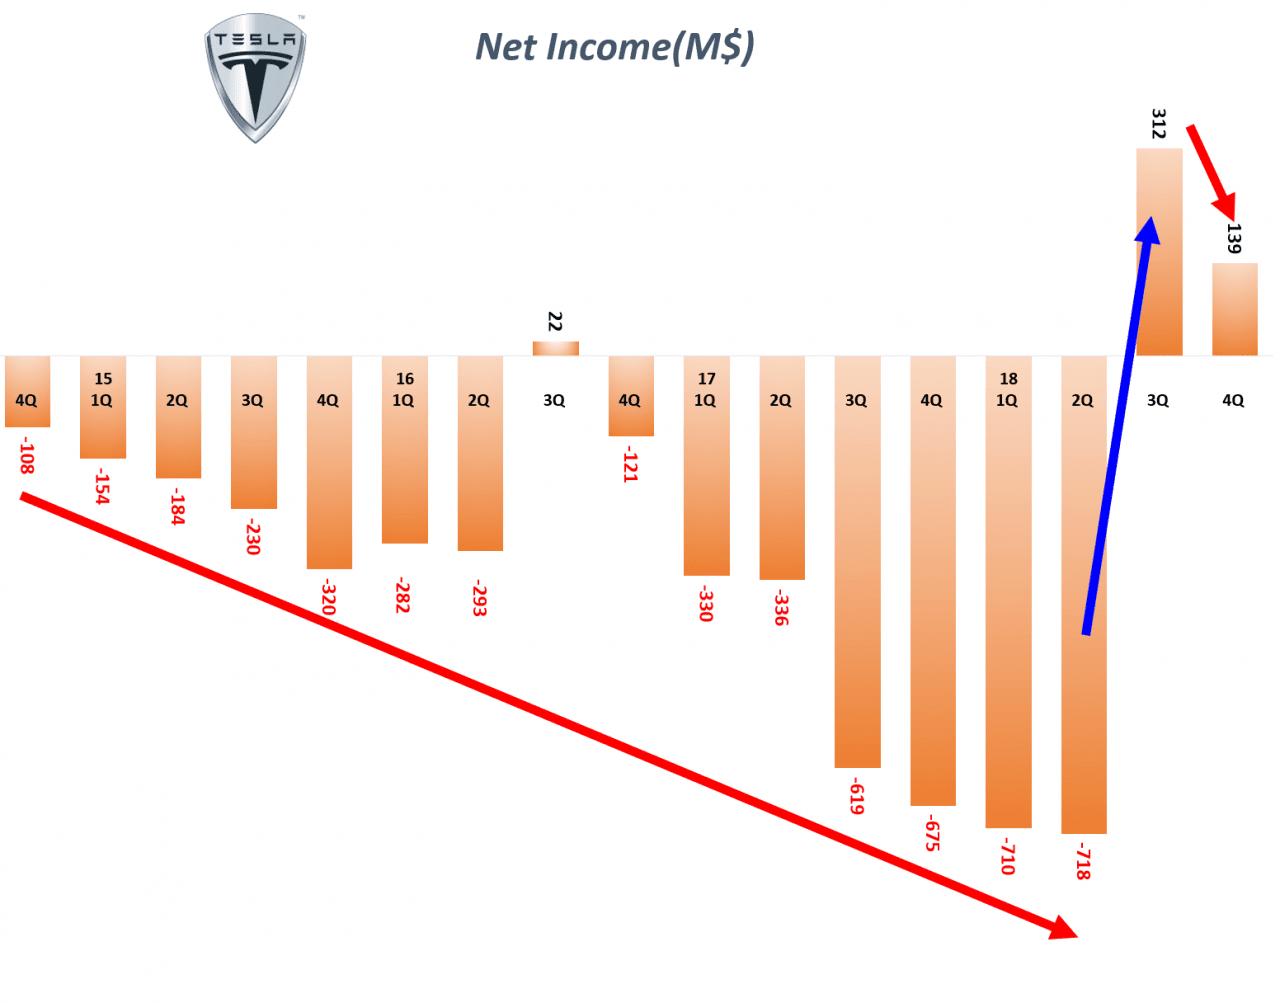 분기별 테슬라 순이익 추이(2012년 1분기 ~ 2018년 34분기) Quarterly Tesla Net income